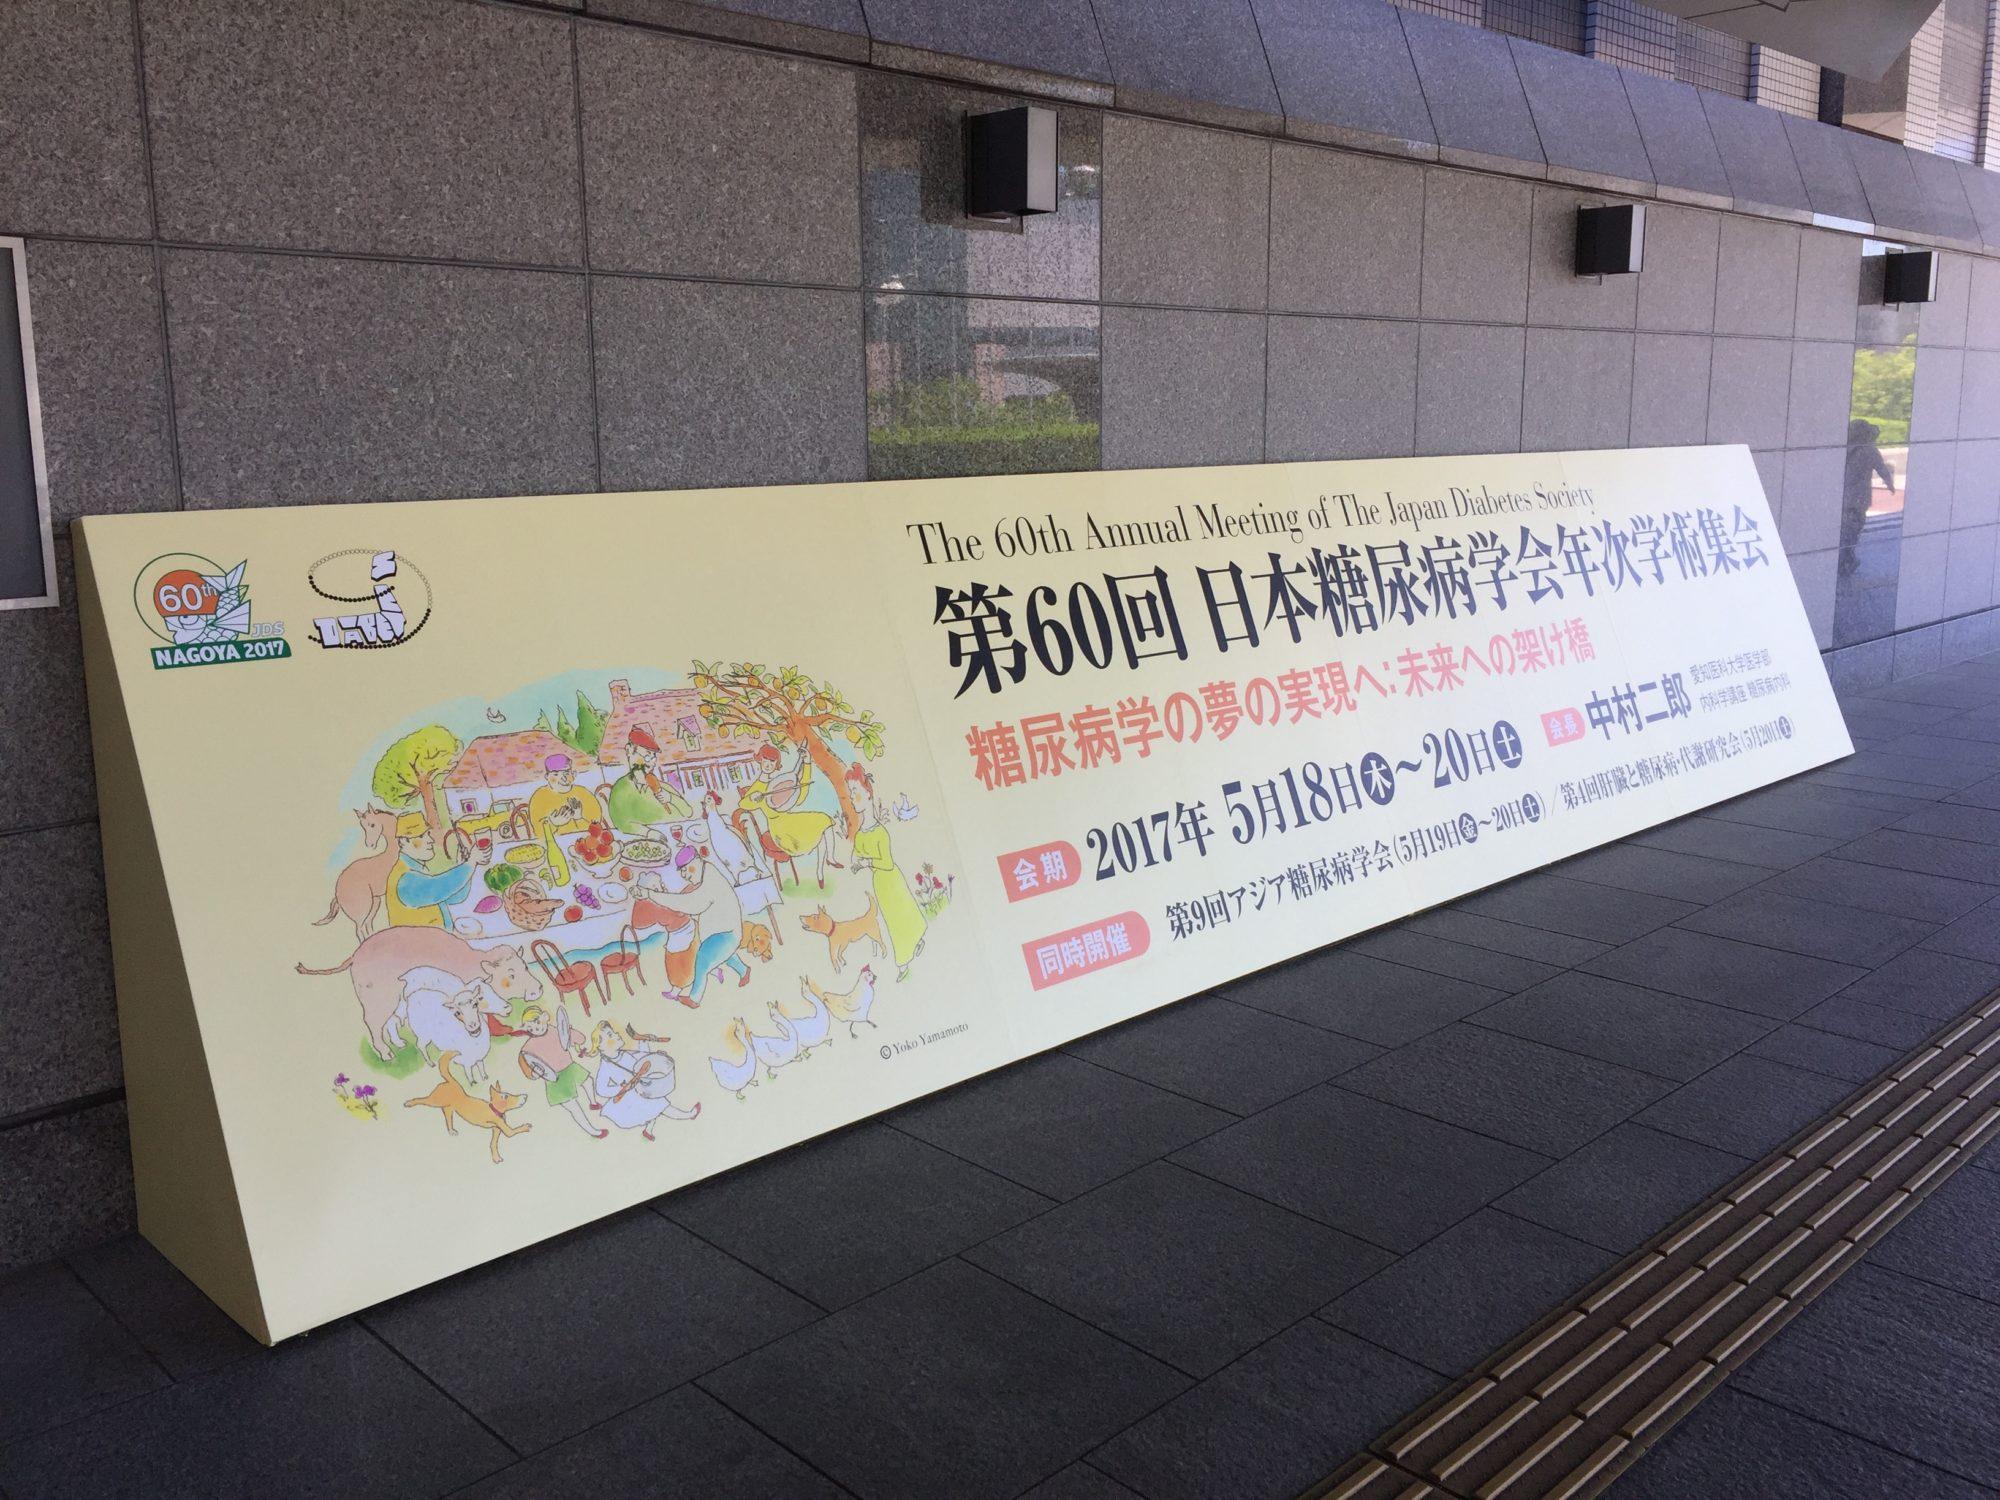 糖尿病界のフェス「日本糖尿病学会 年次学術集会」で名古屋に来ました